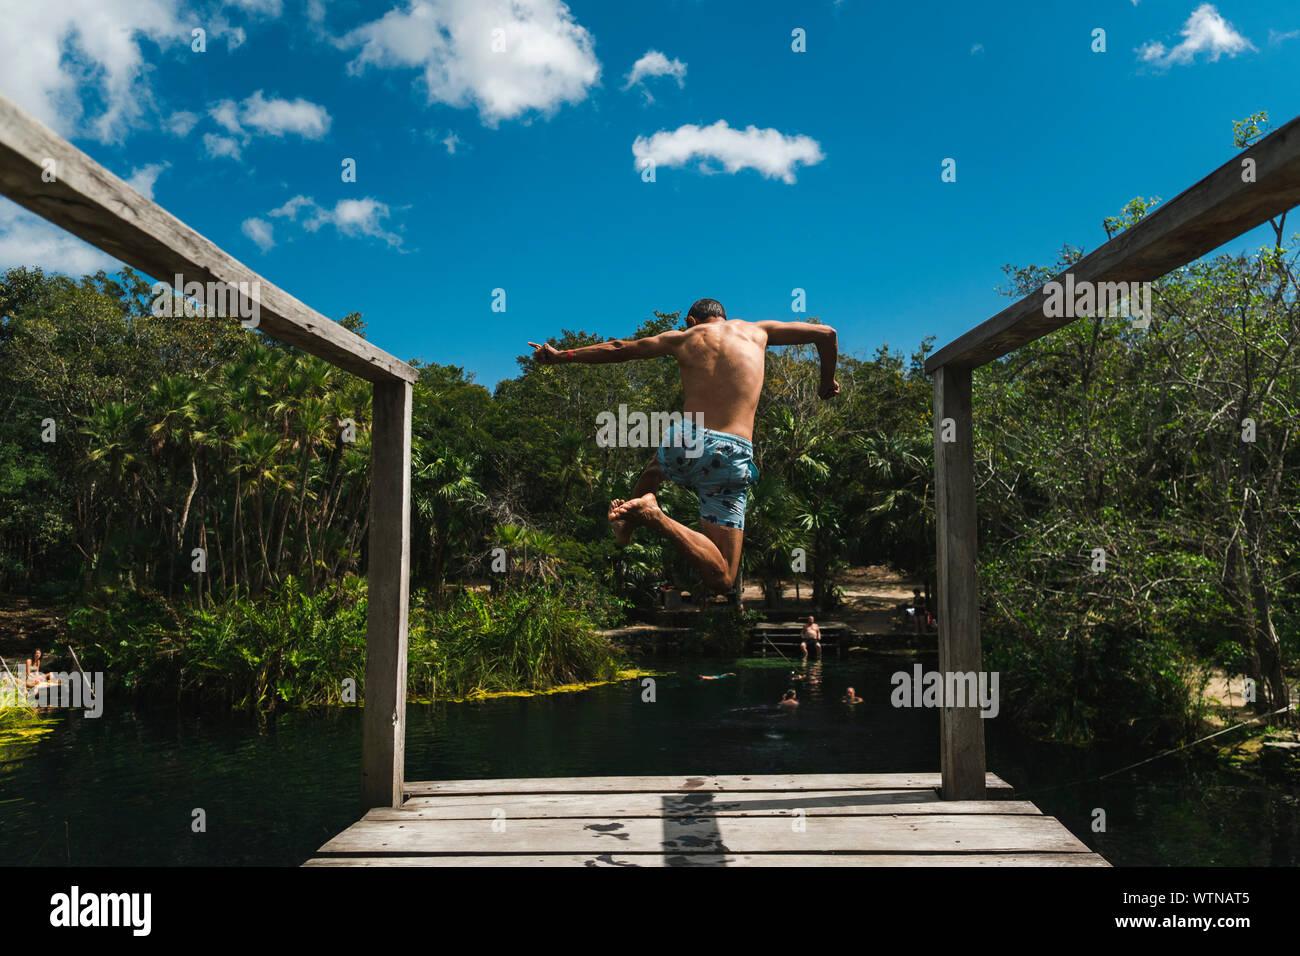 Vista posterior del varón de mediana edad saltando de plataforma en Cenote Crystal Foto de stock